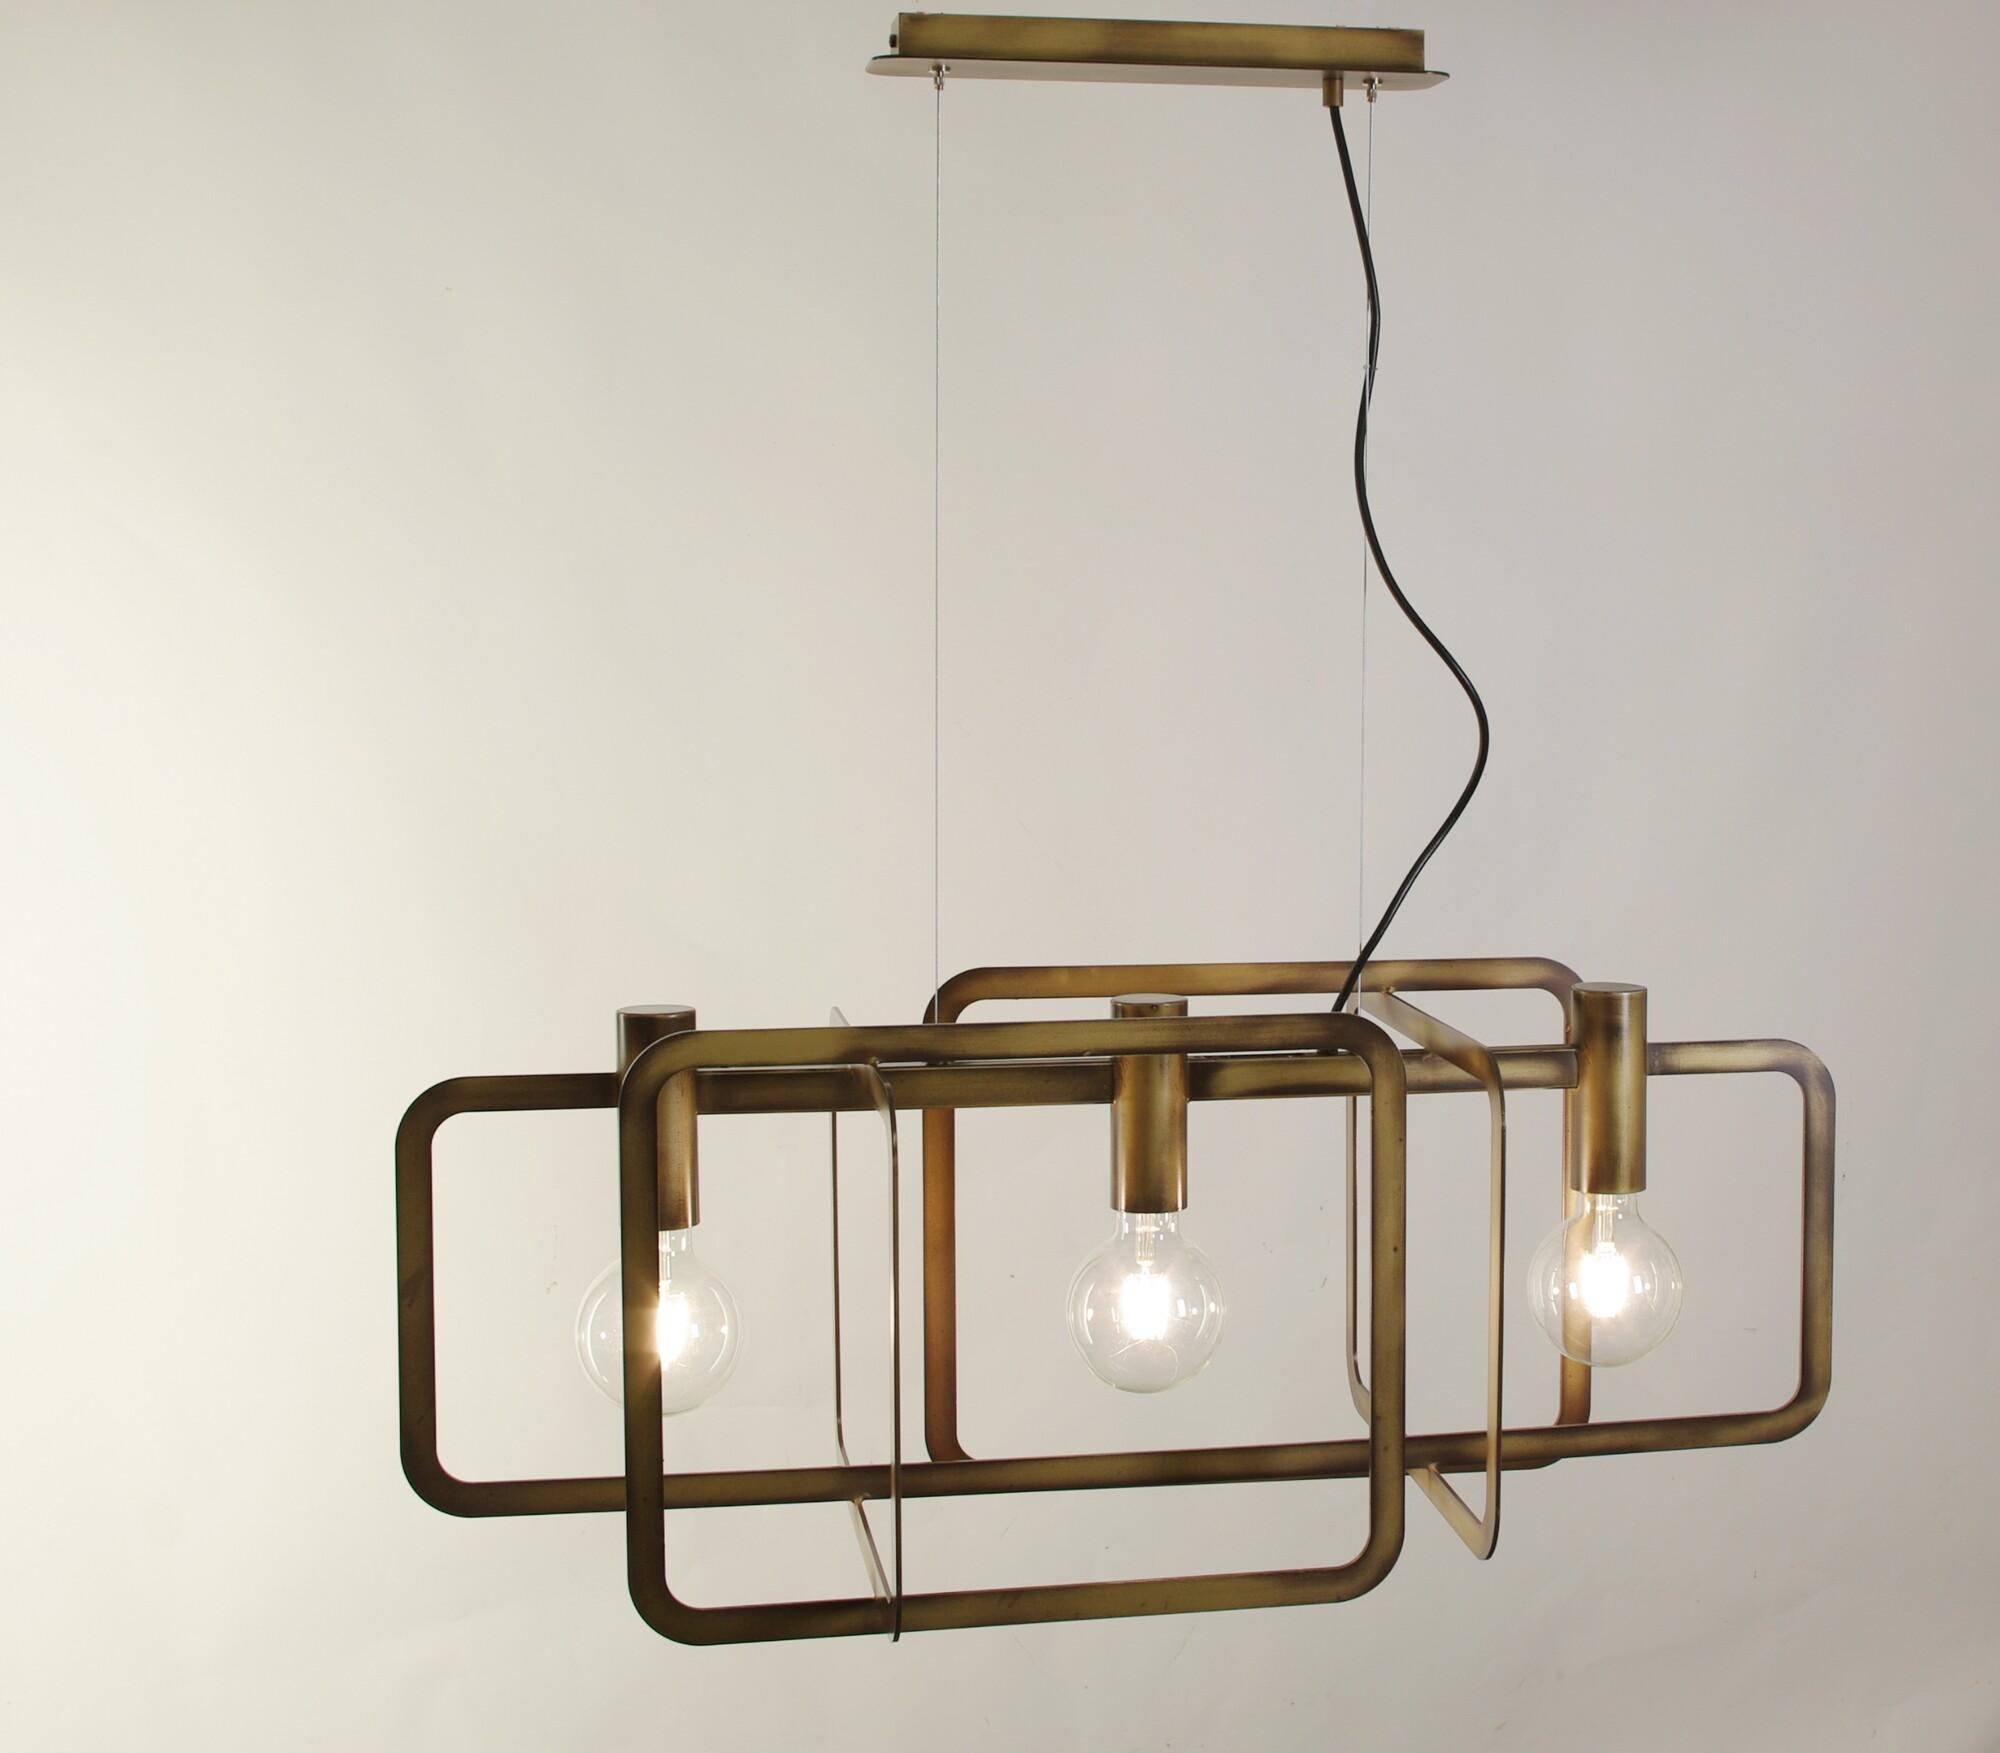 CARTESIO Hanglamp E27 3x Koper